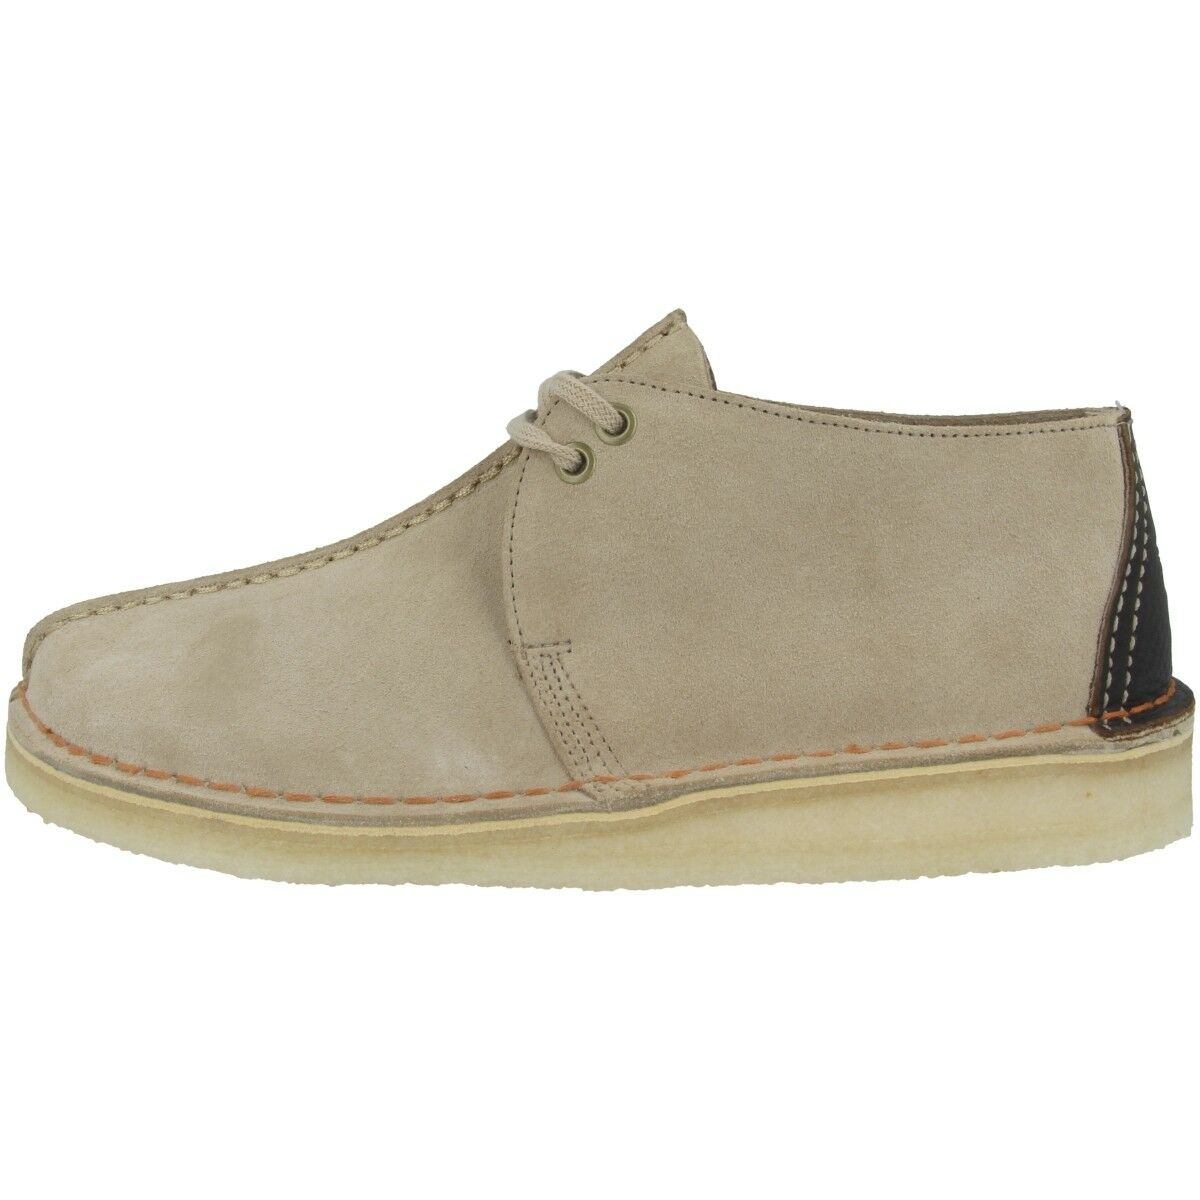 Clarks Desert Trek Men ´S shoes Men's Leisure Lace up Sand Suede 26138666